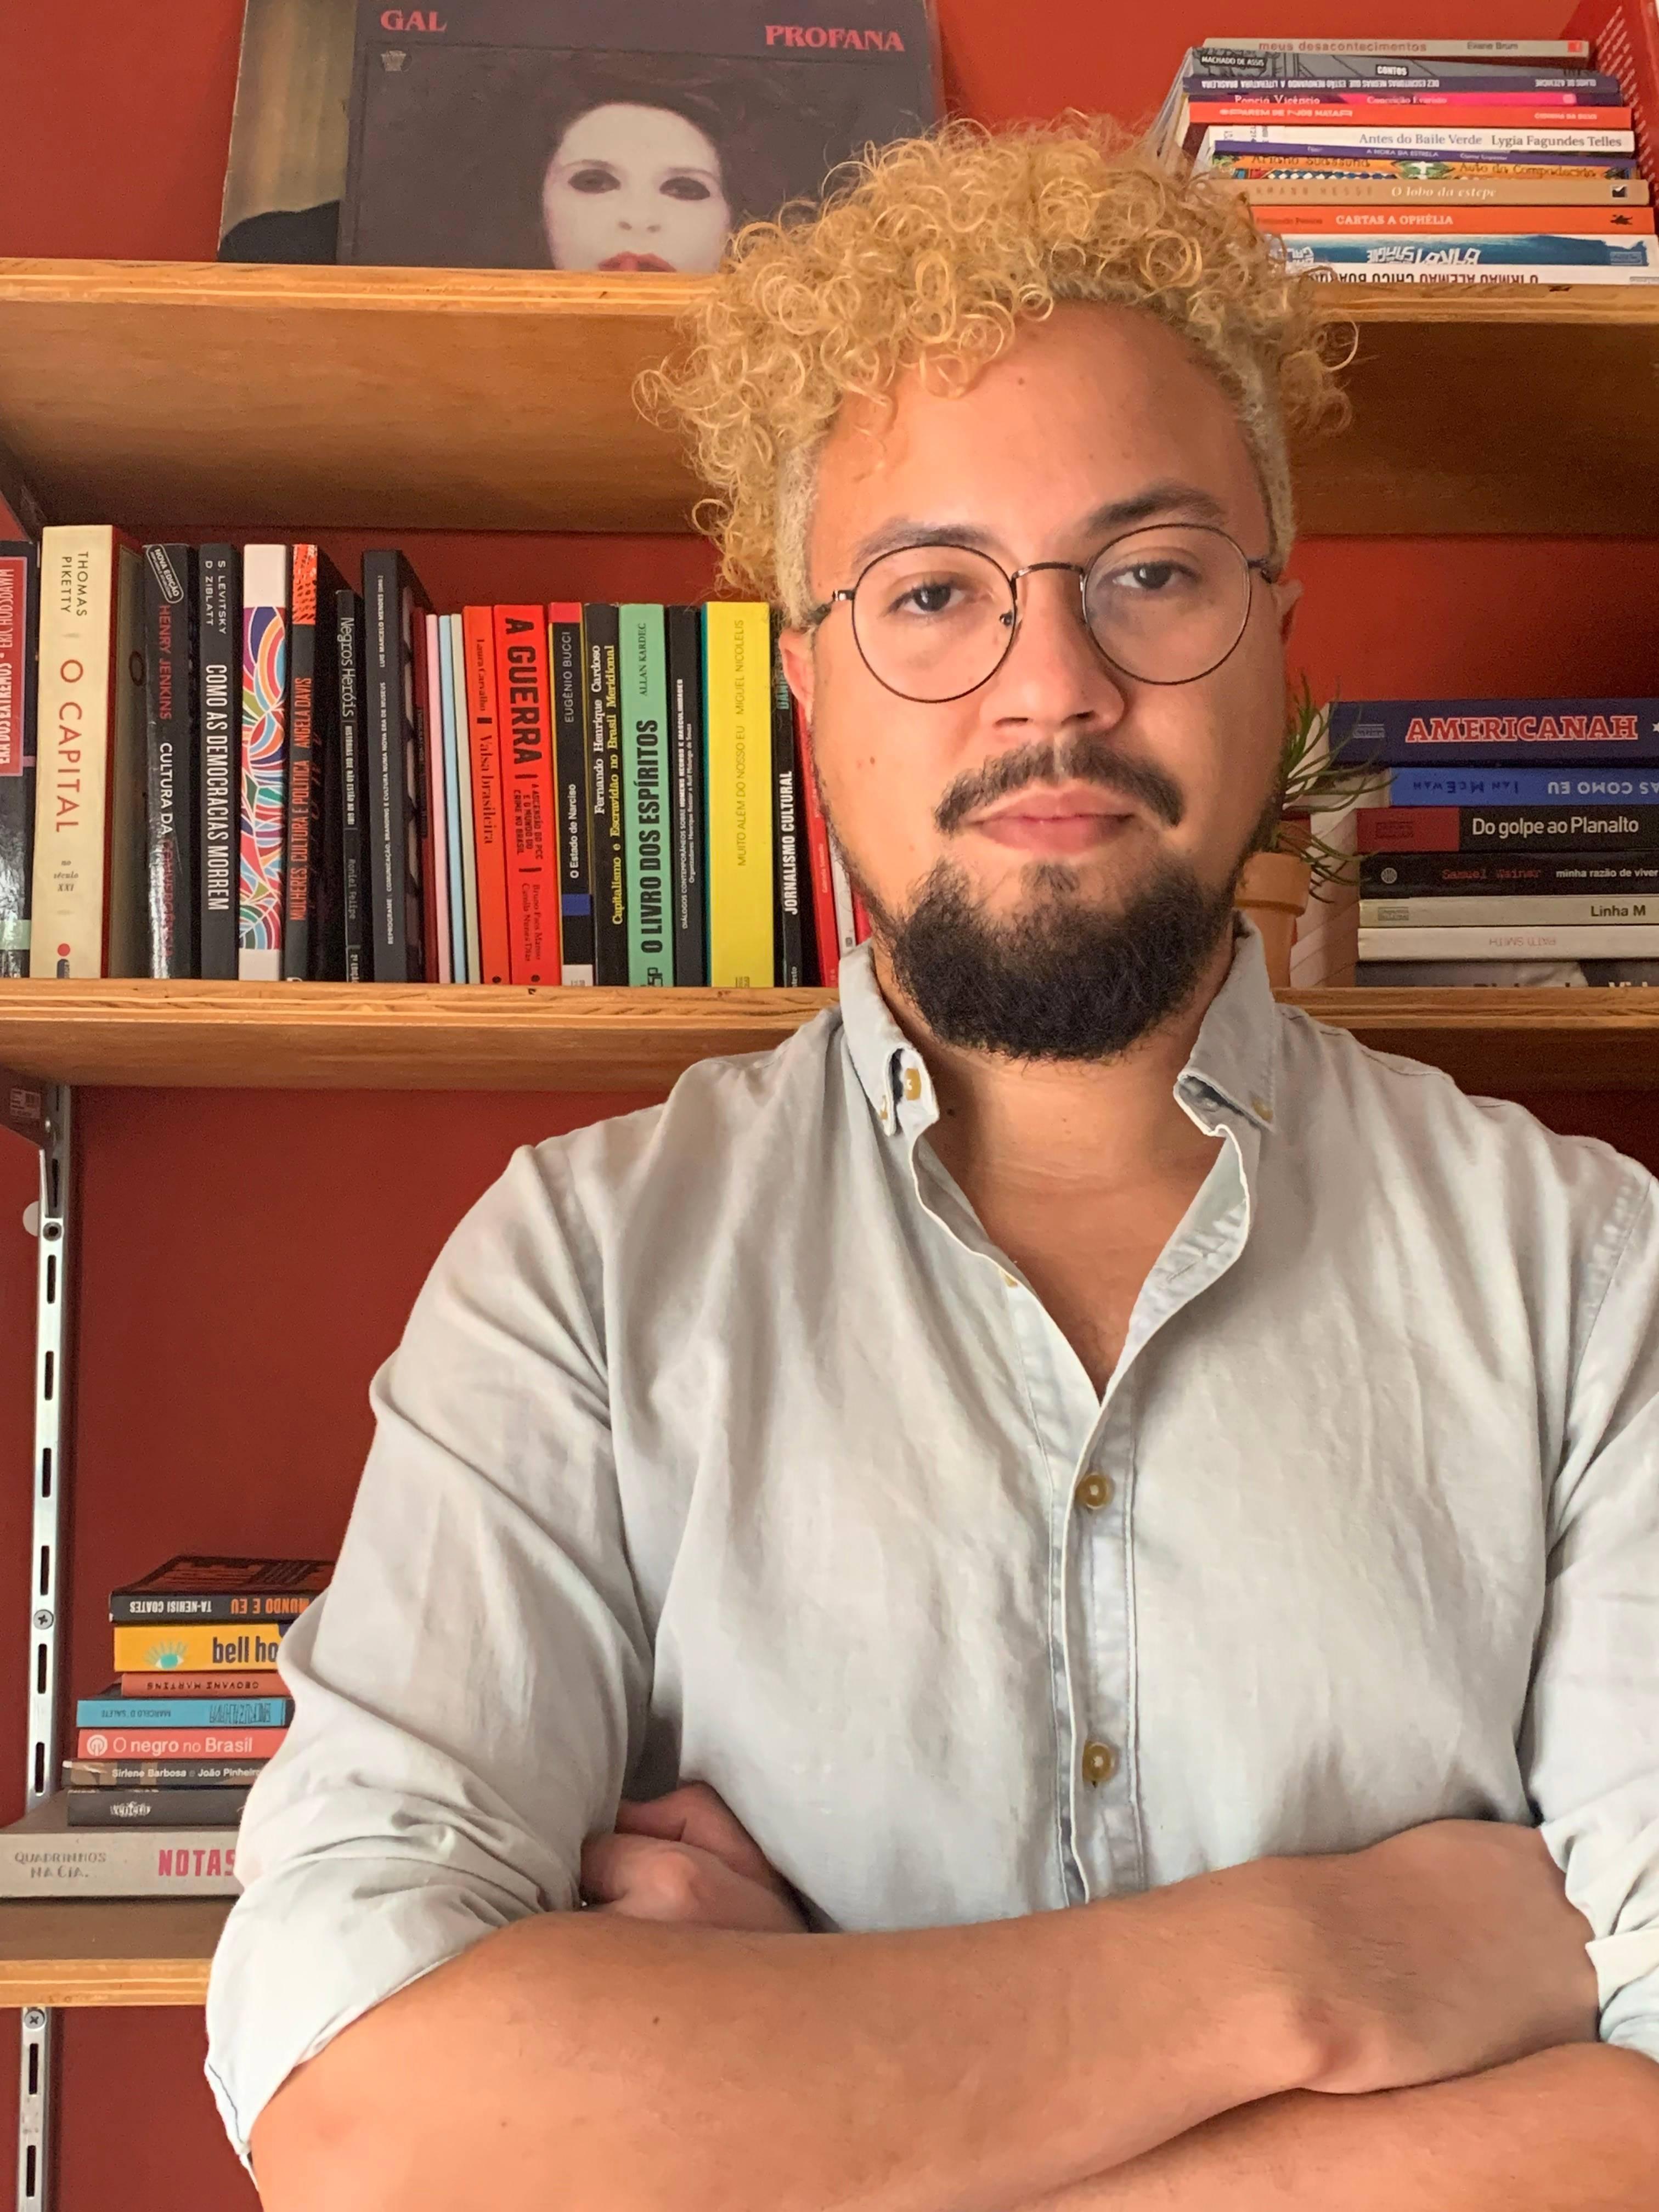 Raul Perez posa de óculos e cabelos encaracolados descoloridos em frente a estante de livros.